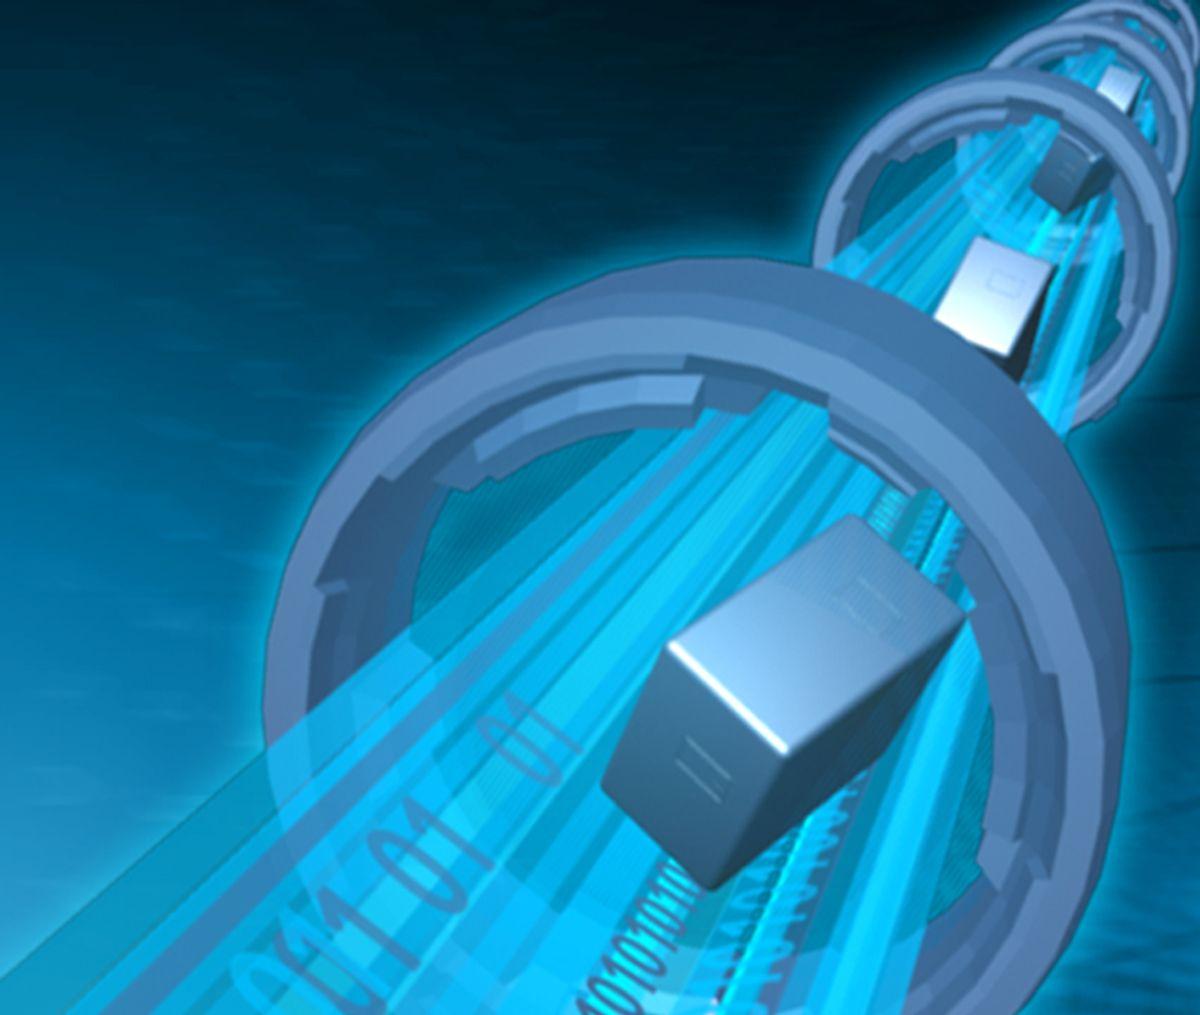 Správa o stave slovenského internetu